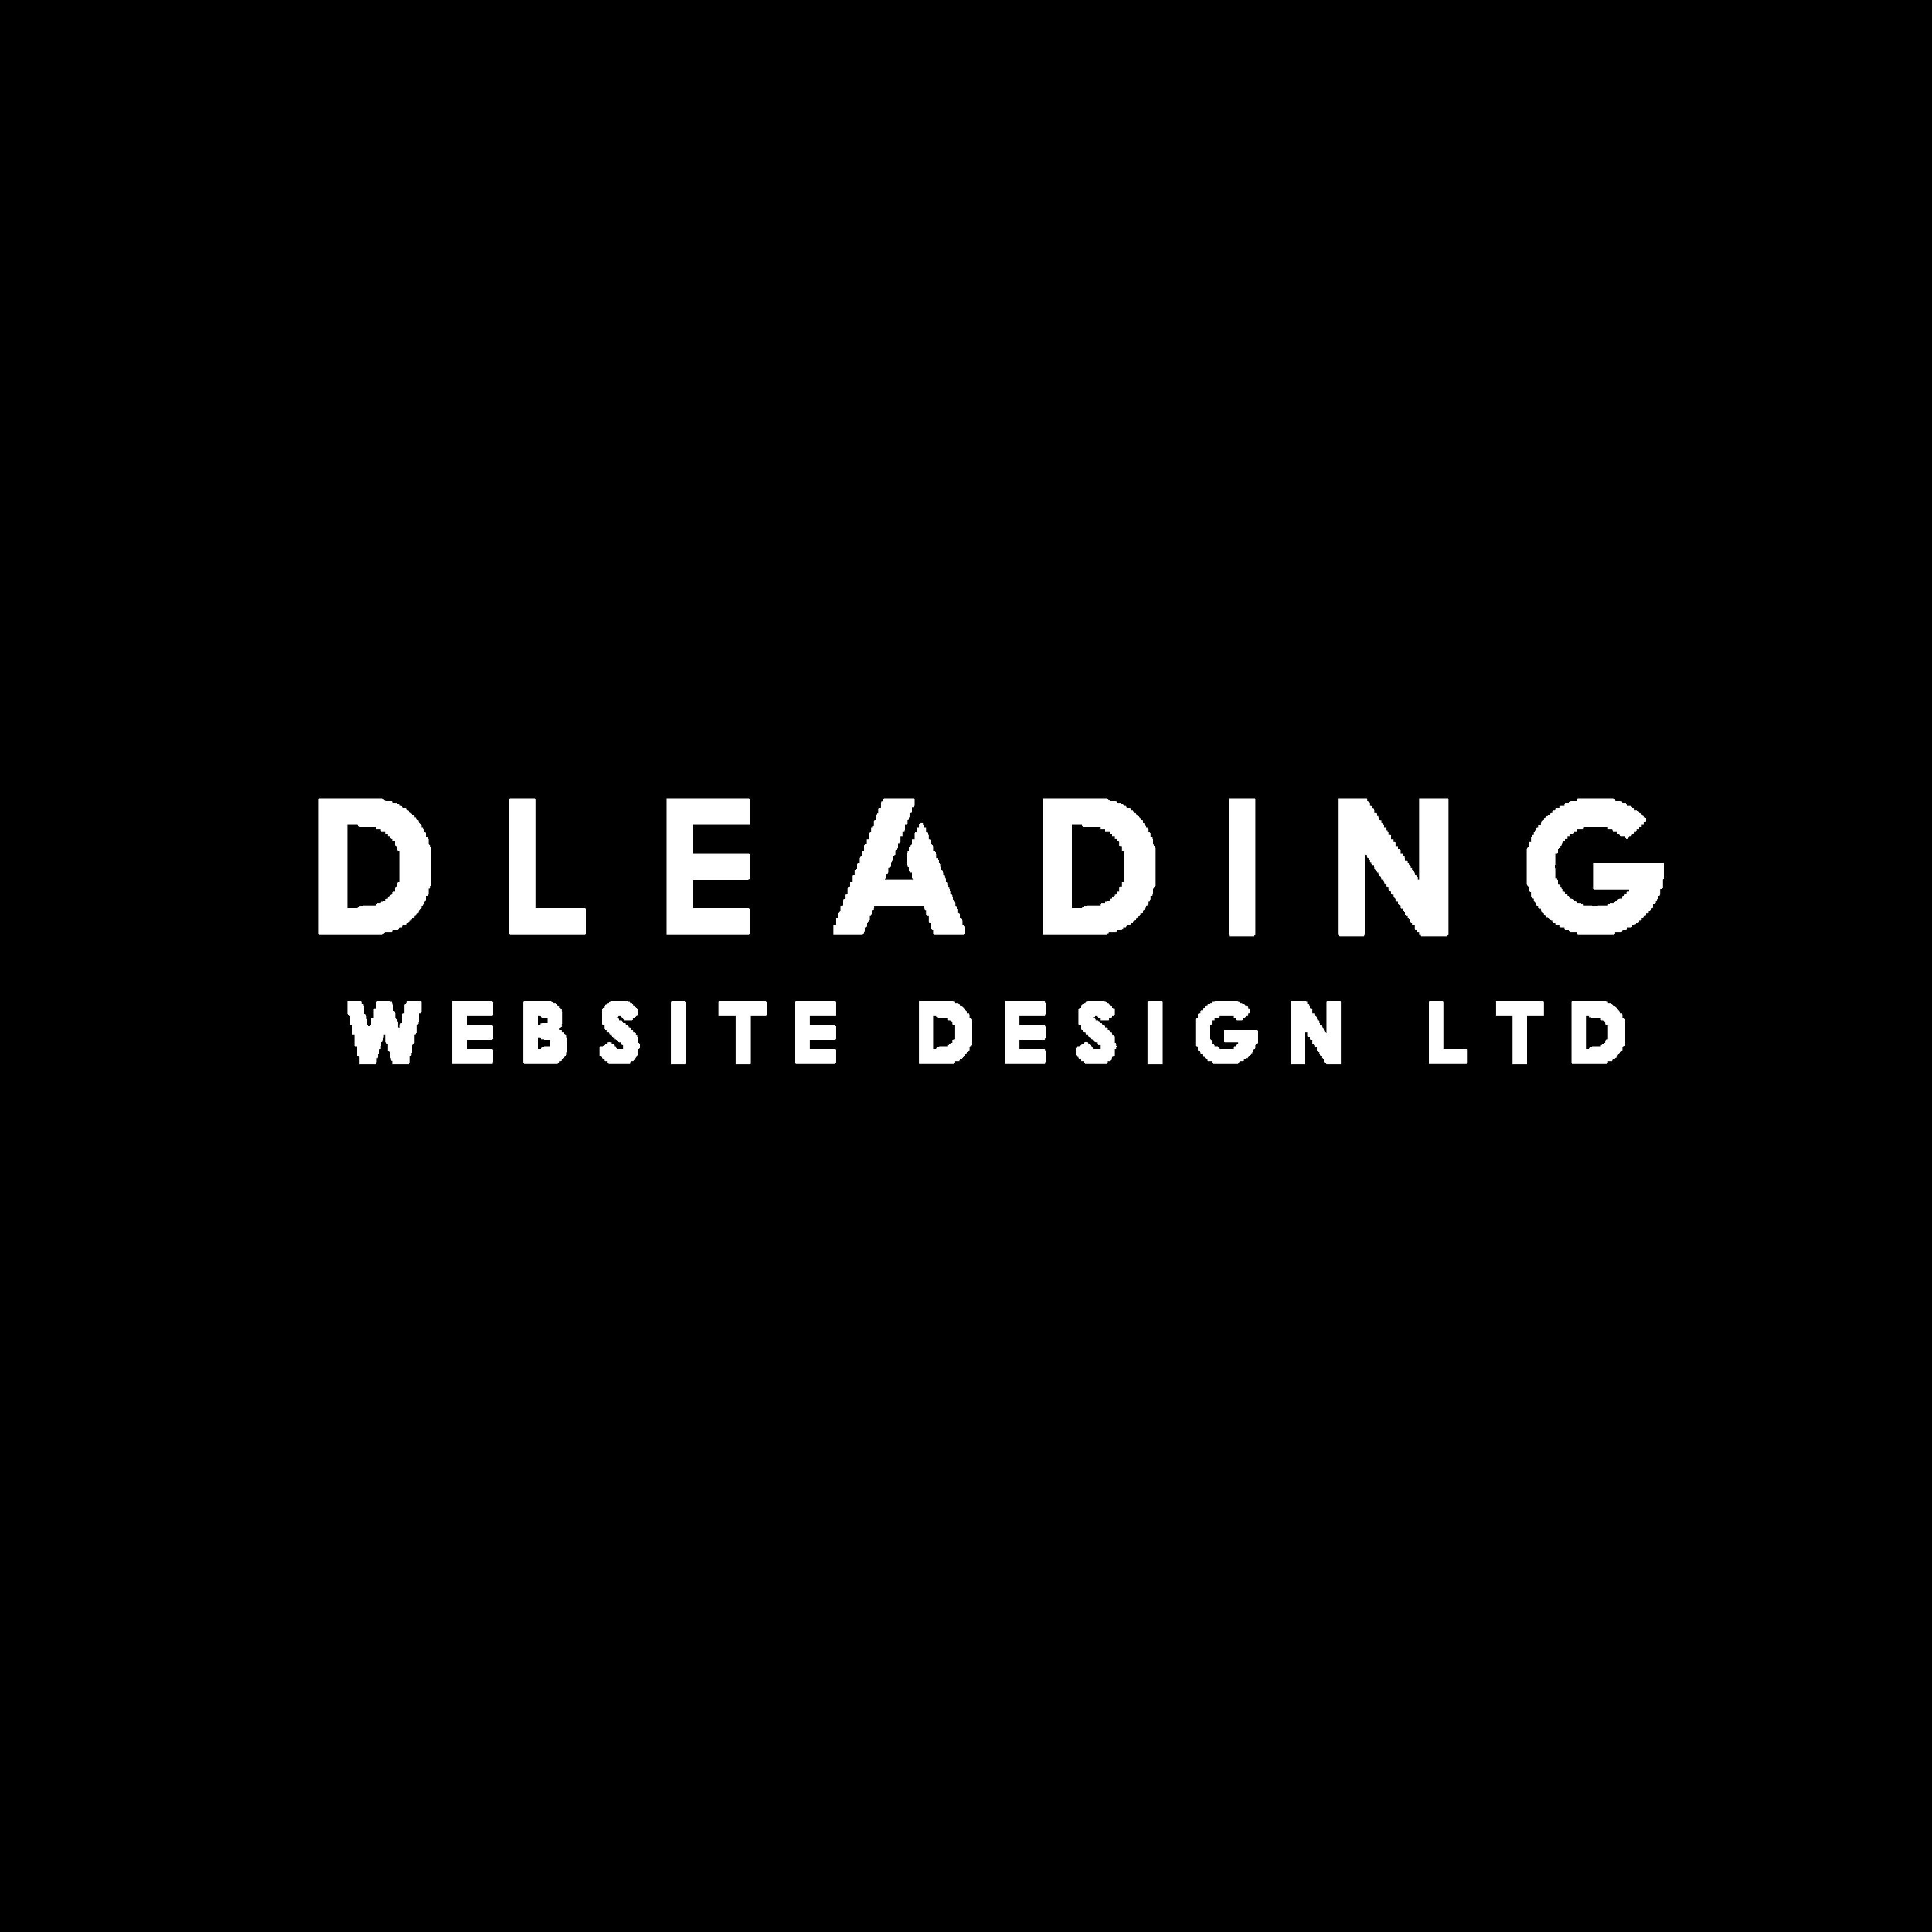 dleading web design png logo